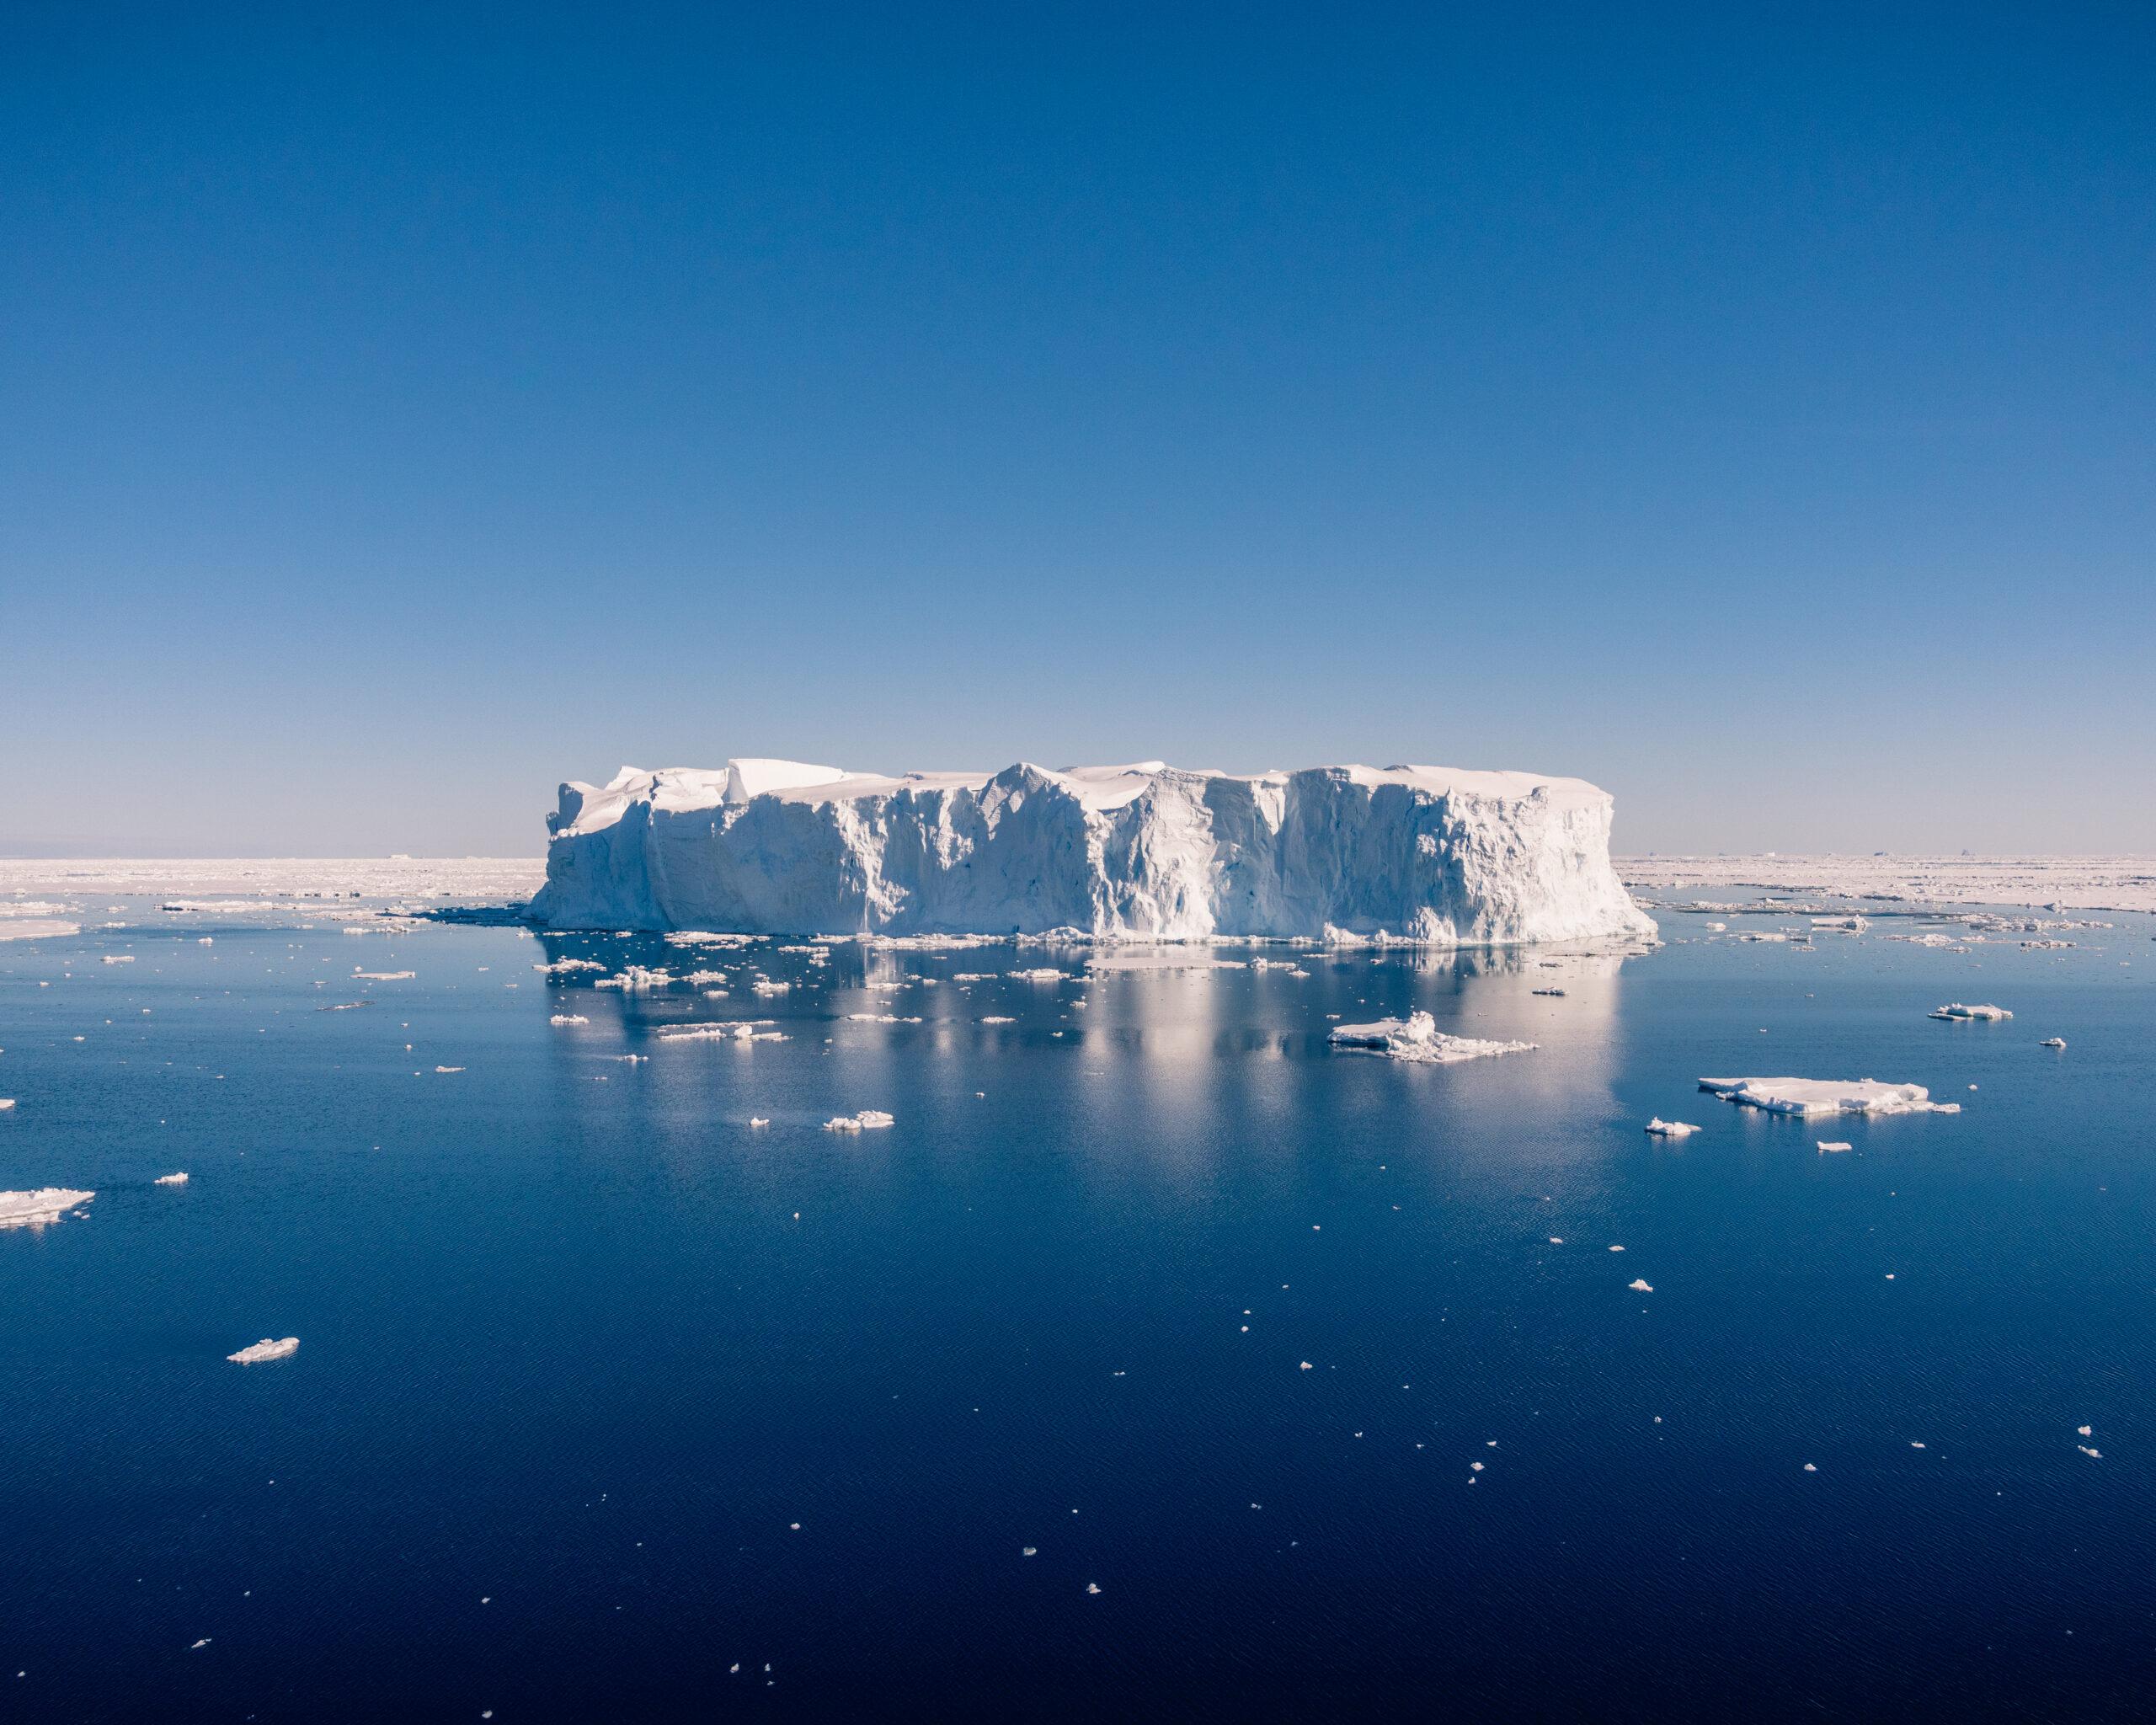 Iceberg on blue sea